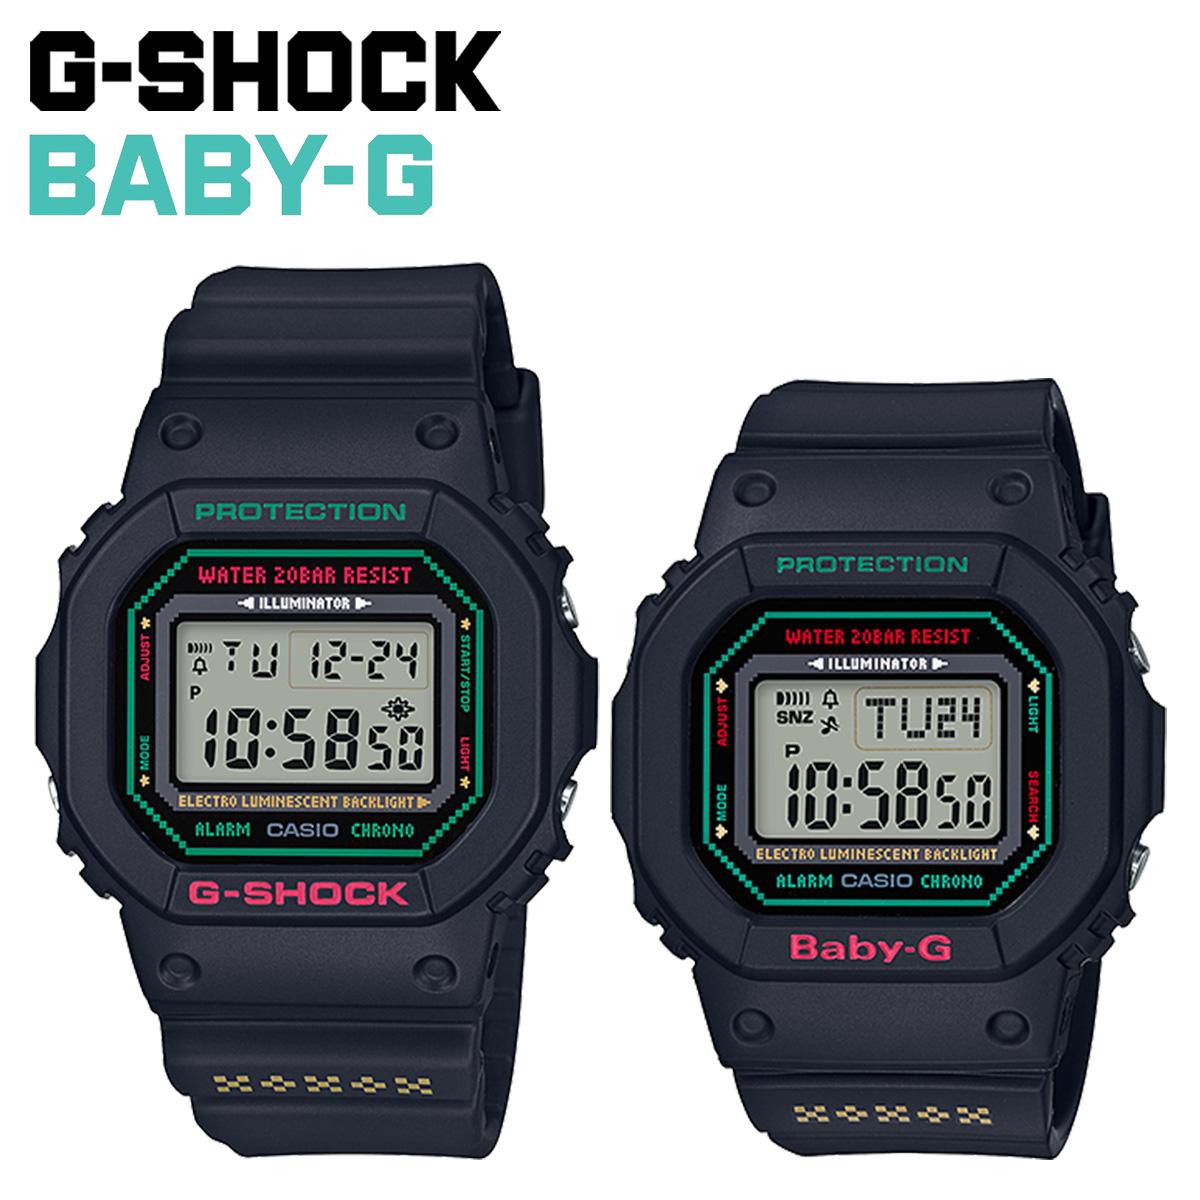 CASIO カシオ G-SHOCK BABY-G 腕時計 LOV-19B-1JR ラバーズコレクション ラバコレ ペアウォッチ ジーショック Gショック ベビージー ベビーG メンズ レディース ブラック 黒